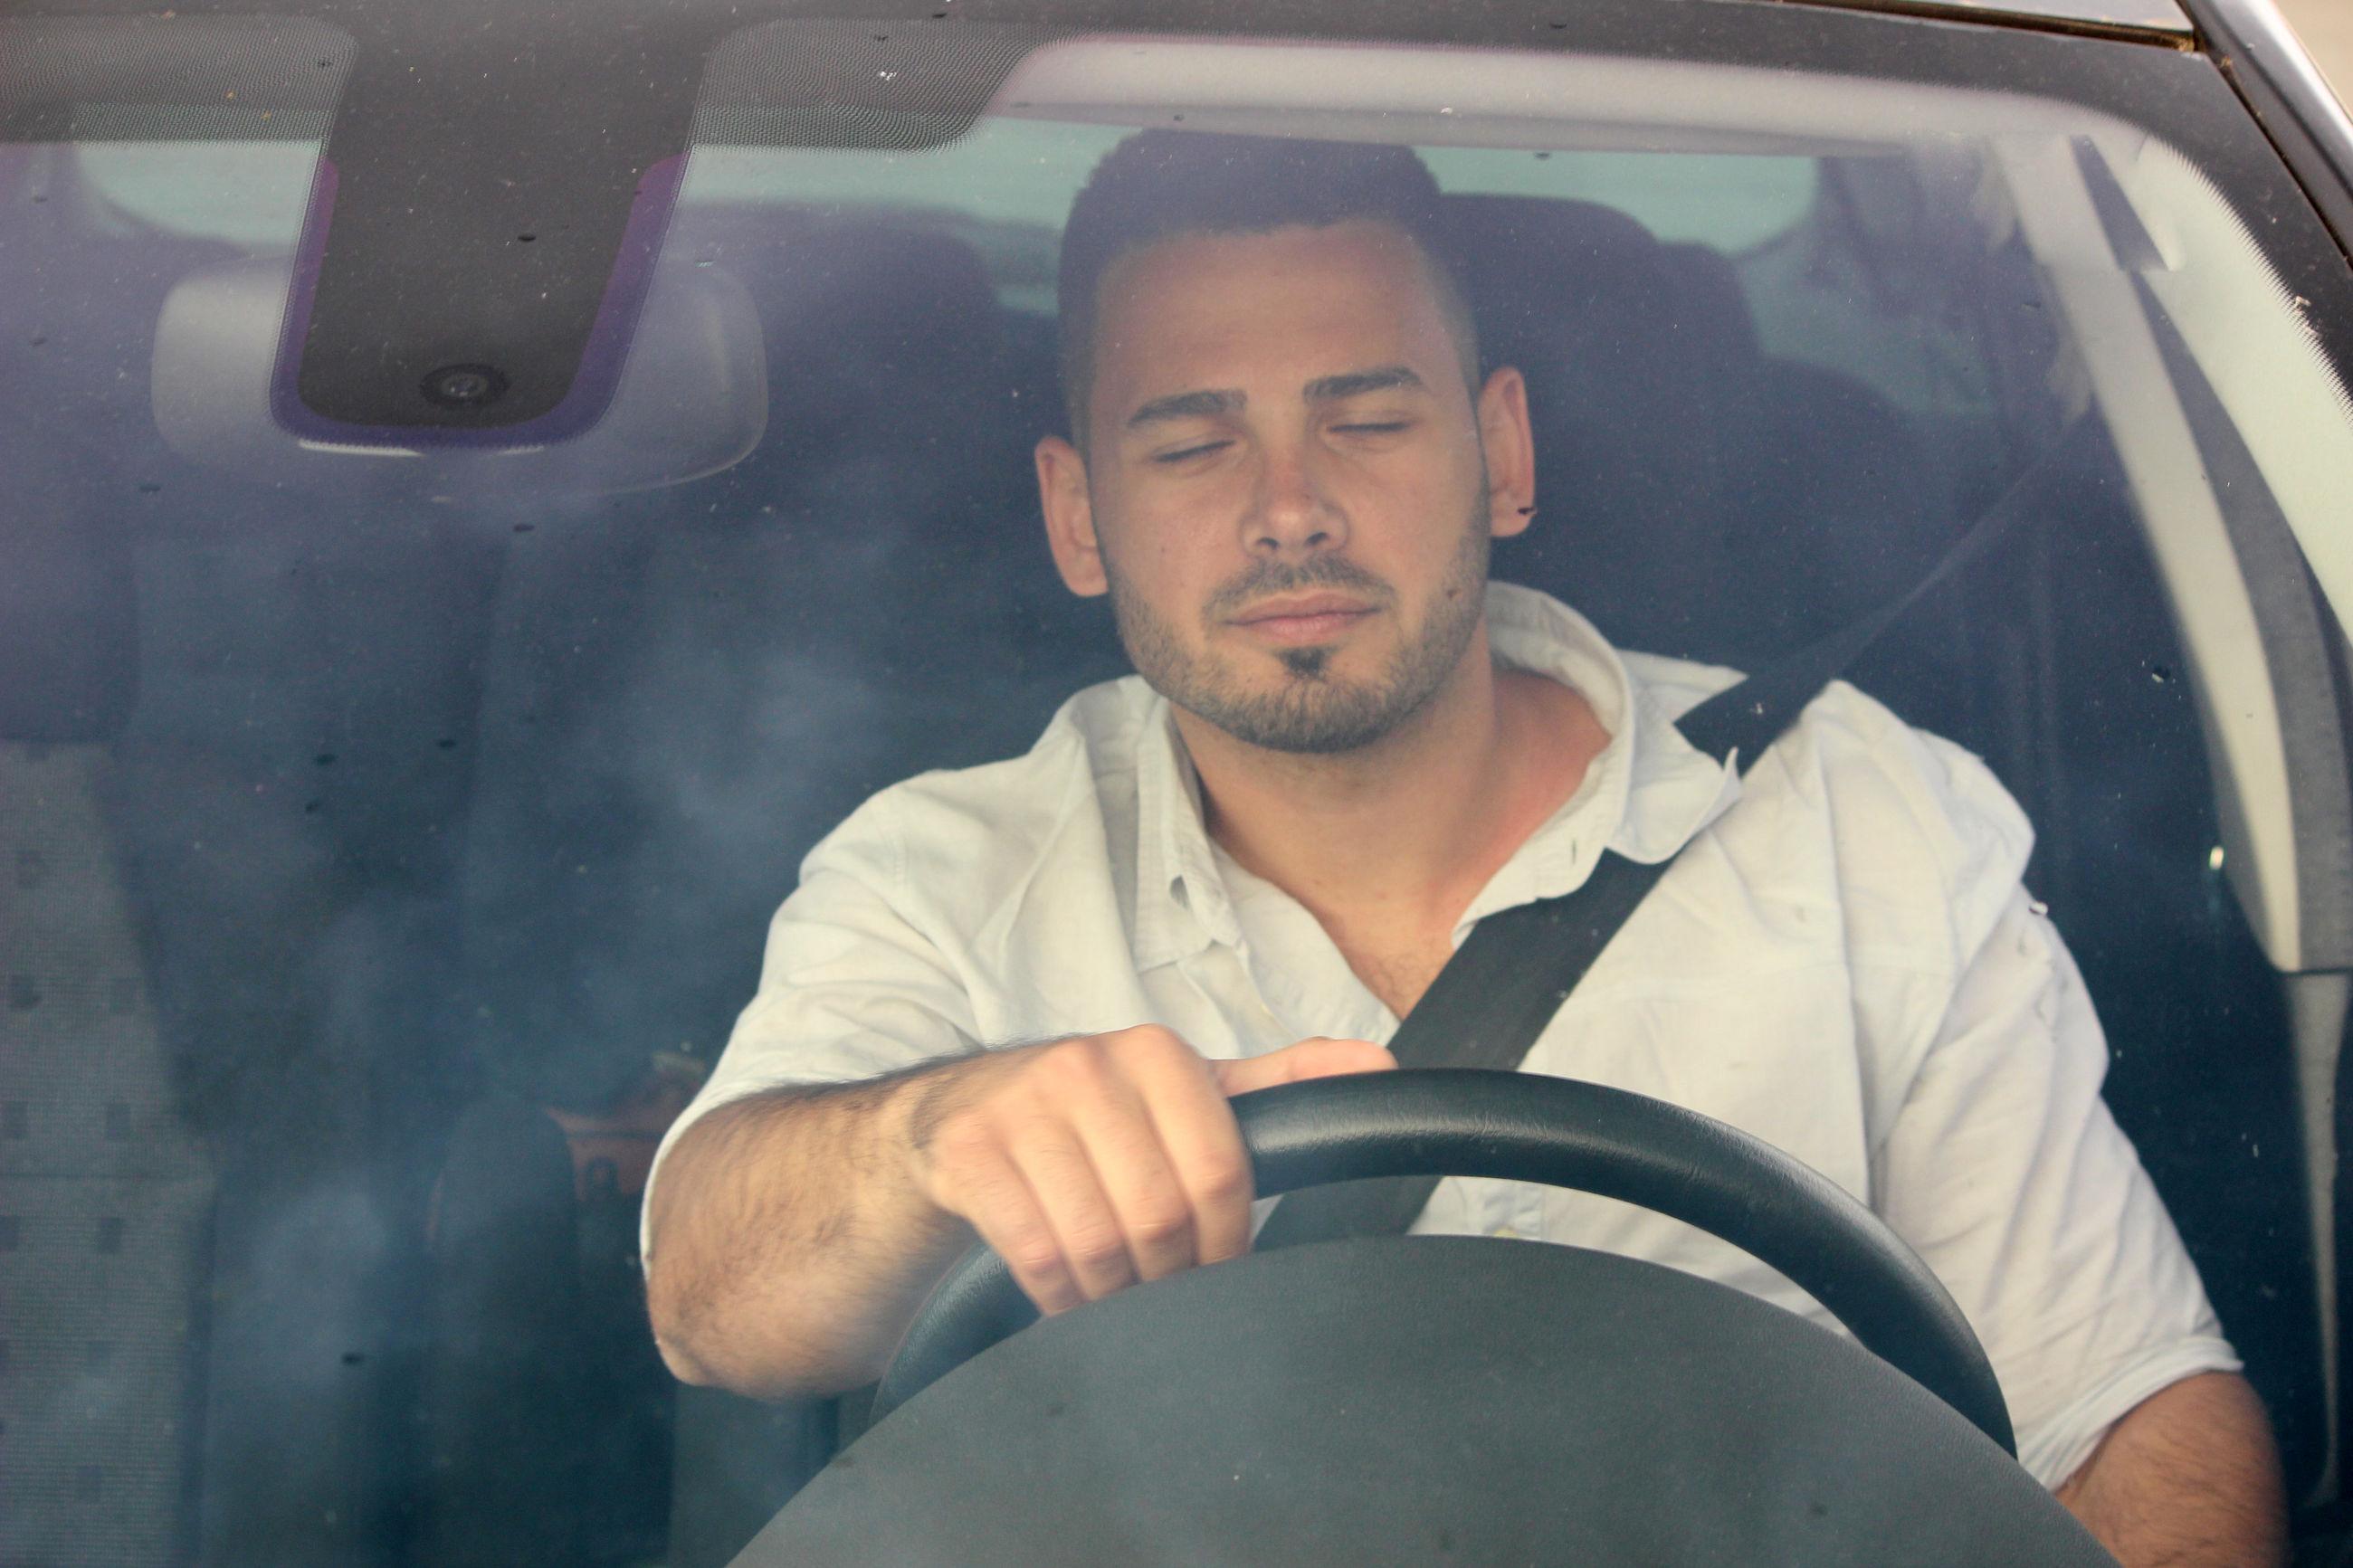 PORTRAIT OF MAN SITTING BY CAR WINDOW